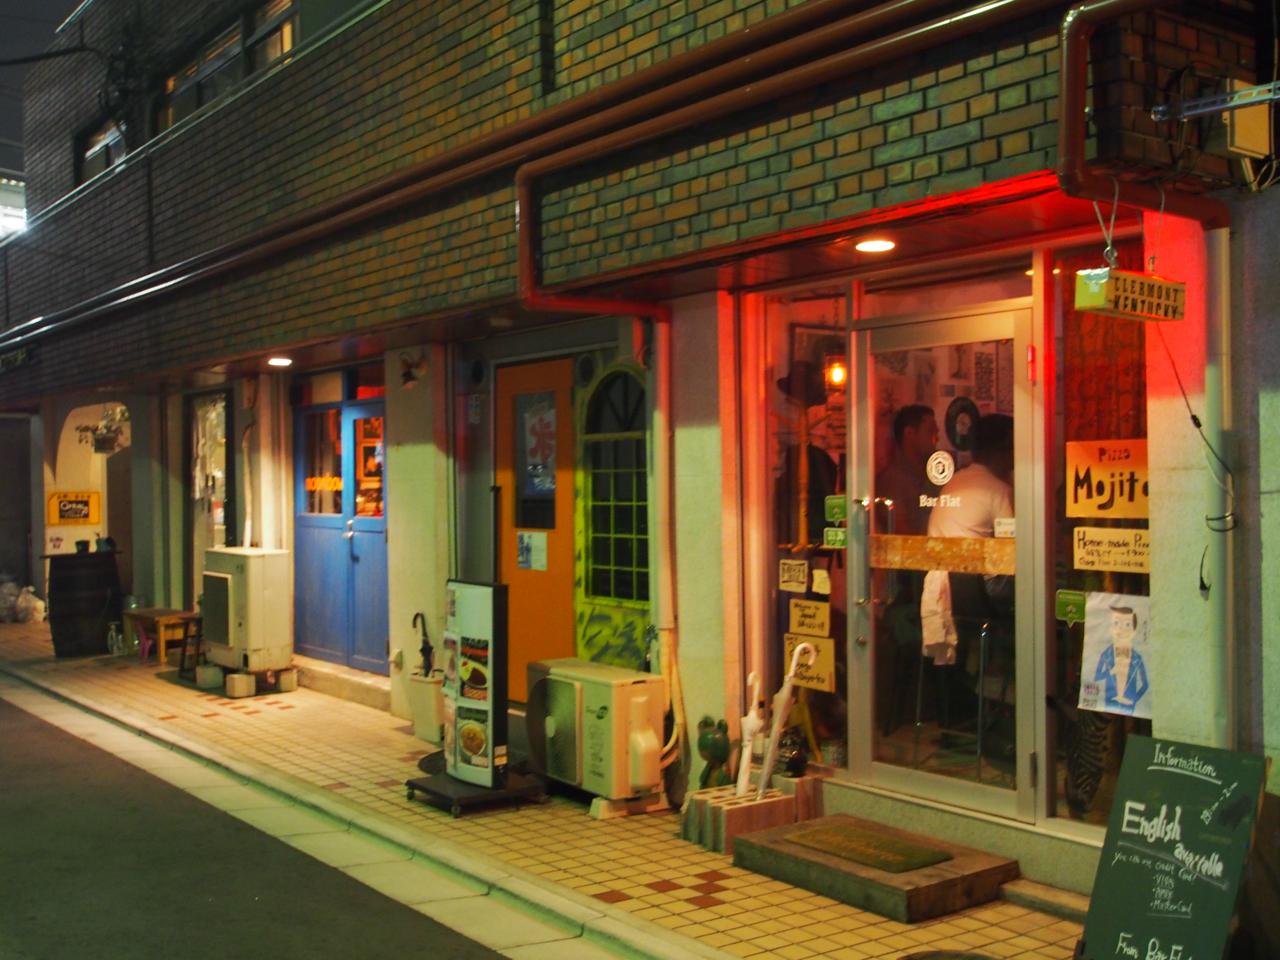 南新宿駅近のヴィンテージマンション1階は個性豊かな4件のバーがひっそりと賑わいをみせる